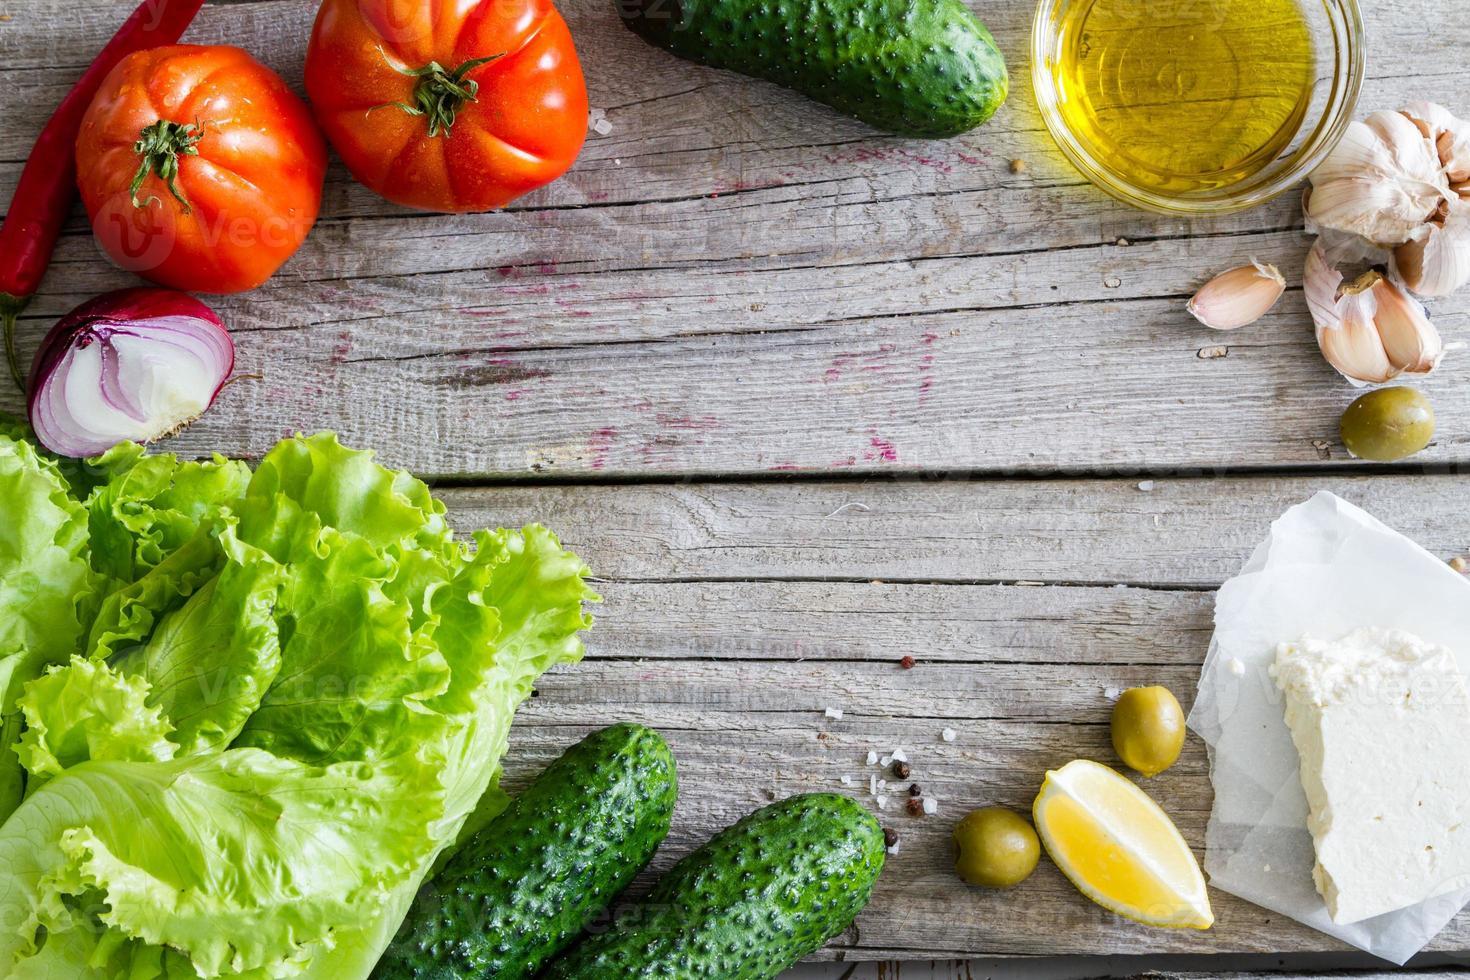 ingredienti insalata greca - pomodoro, cetriolo, insalata, cipolla foto